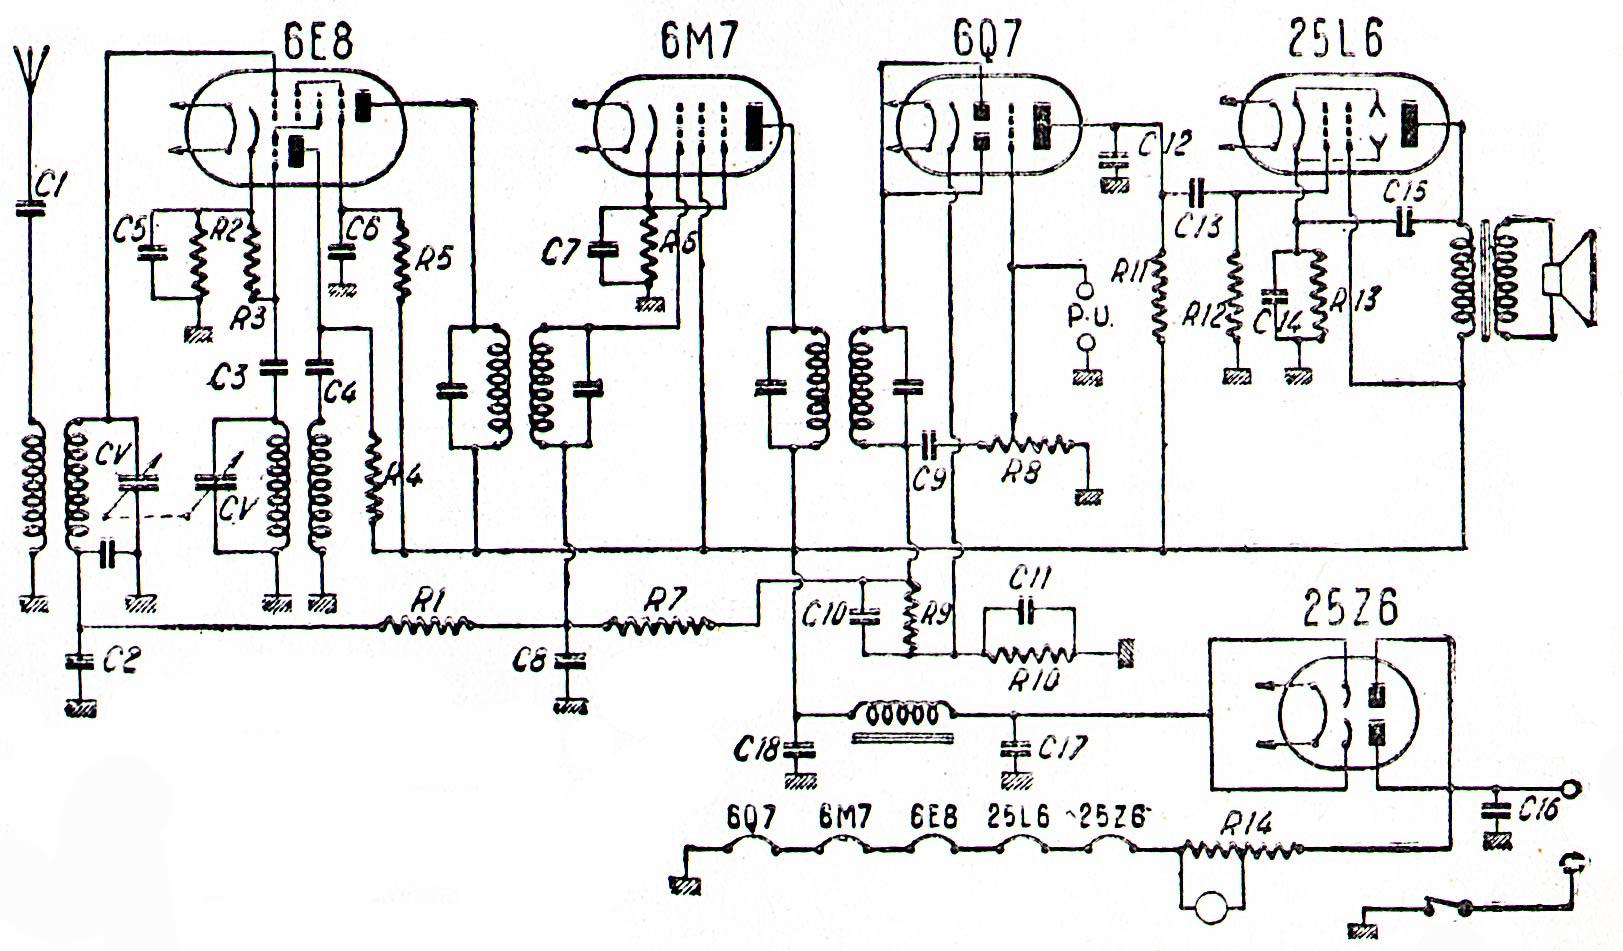 mf 40 schema cablage